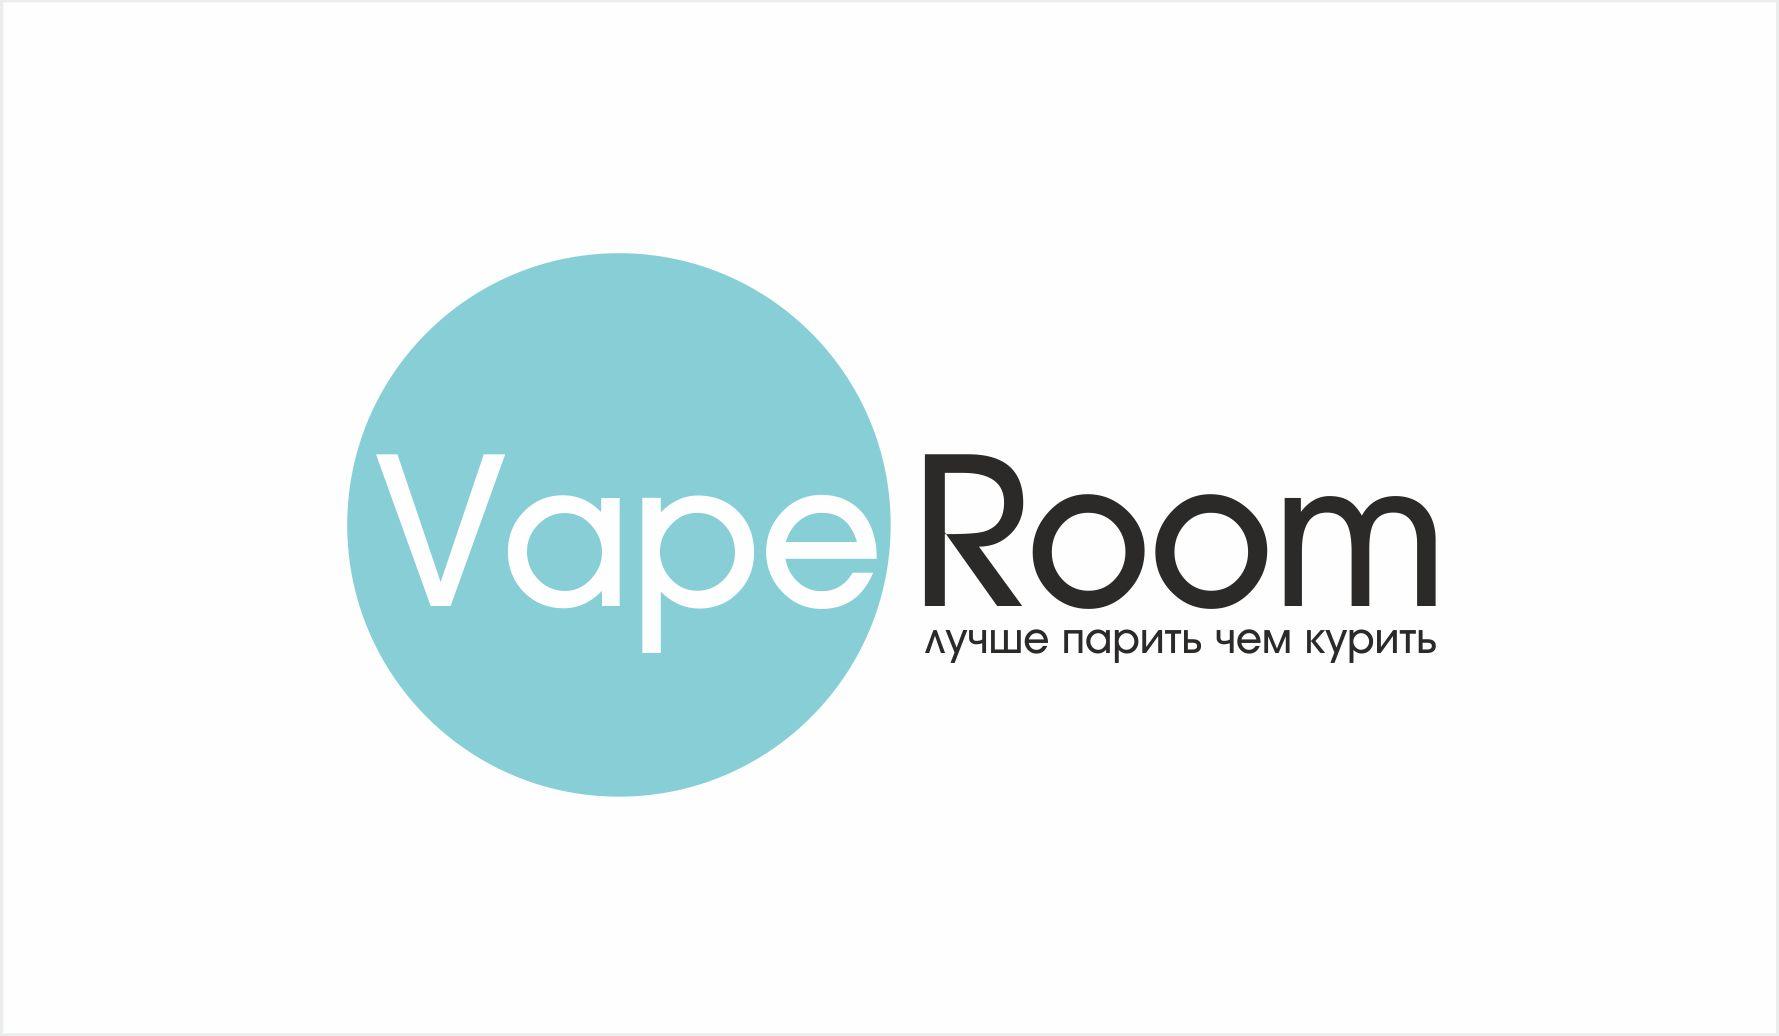 Логотип для сети магазинов VapeRoom  - дизайнер W91I